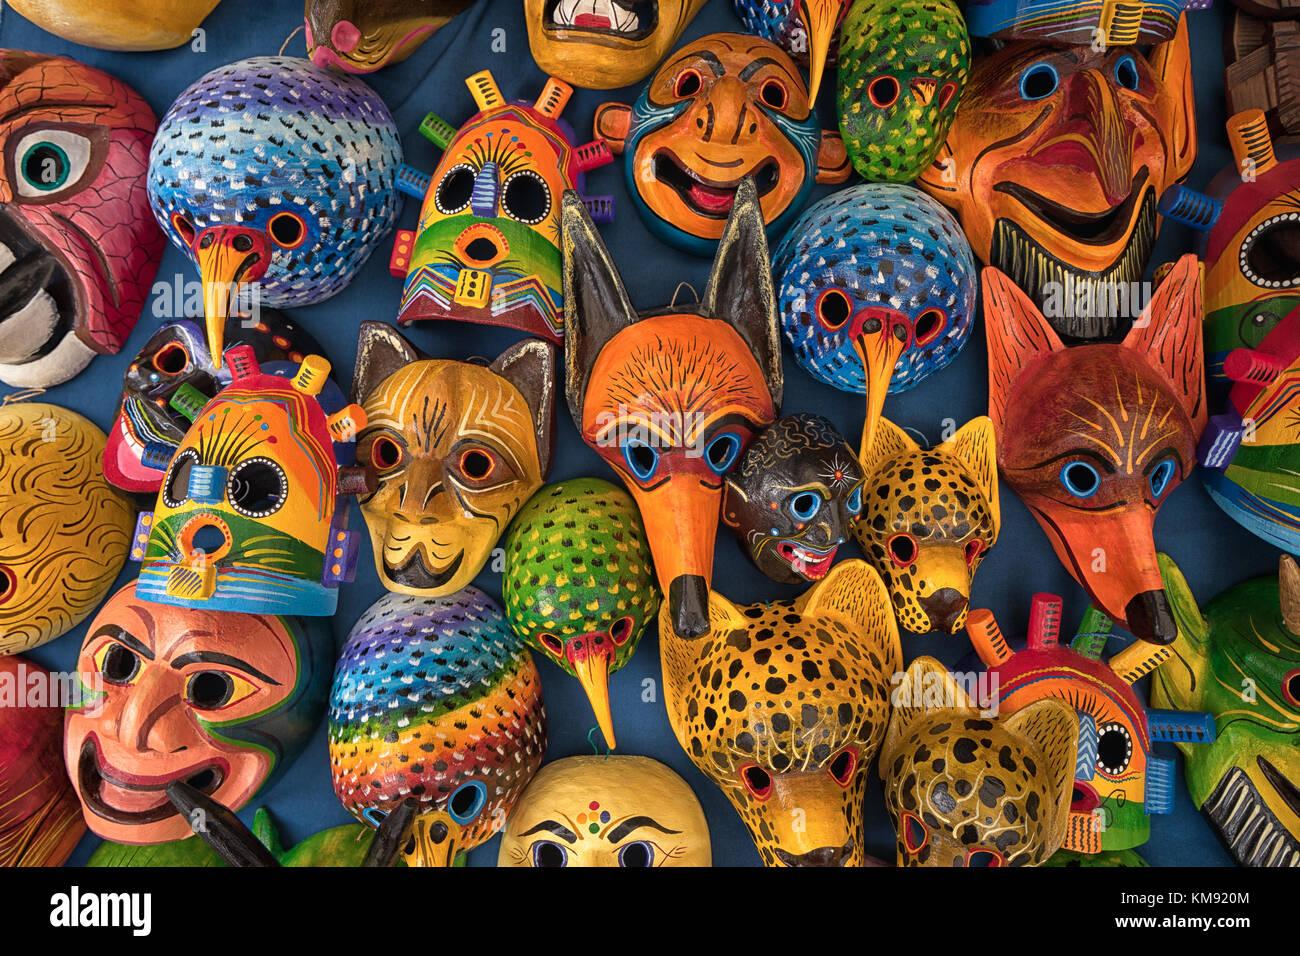 Otavalo, Ecuador - 2 Dicembre 2017: closeup di indigeni colorate sculture in legno nel sabato mercato artigianale Immagini Stock